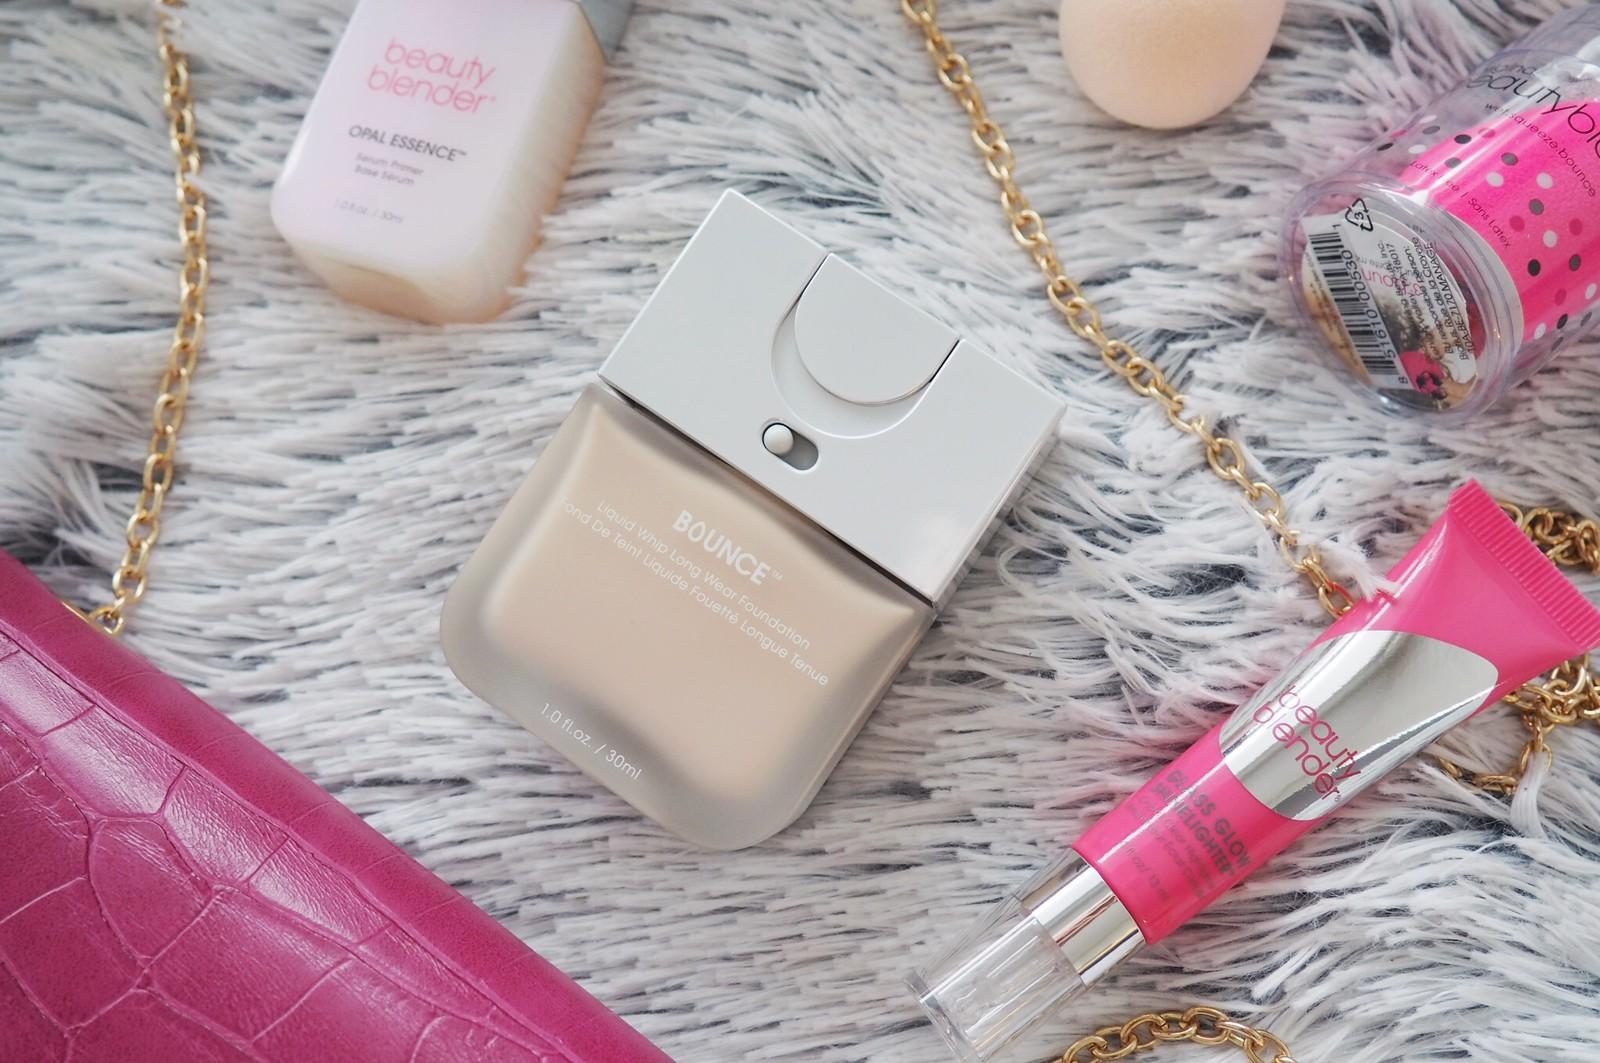 Beautyblender meikkivoide